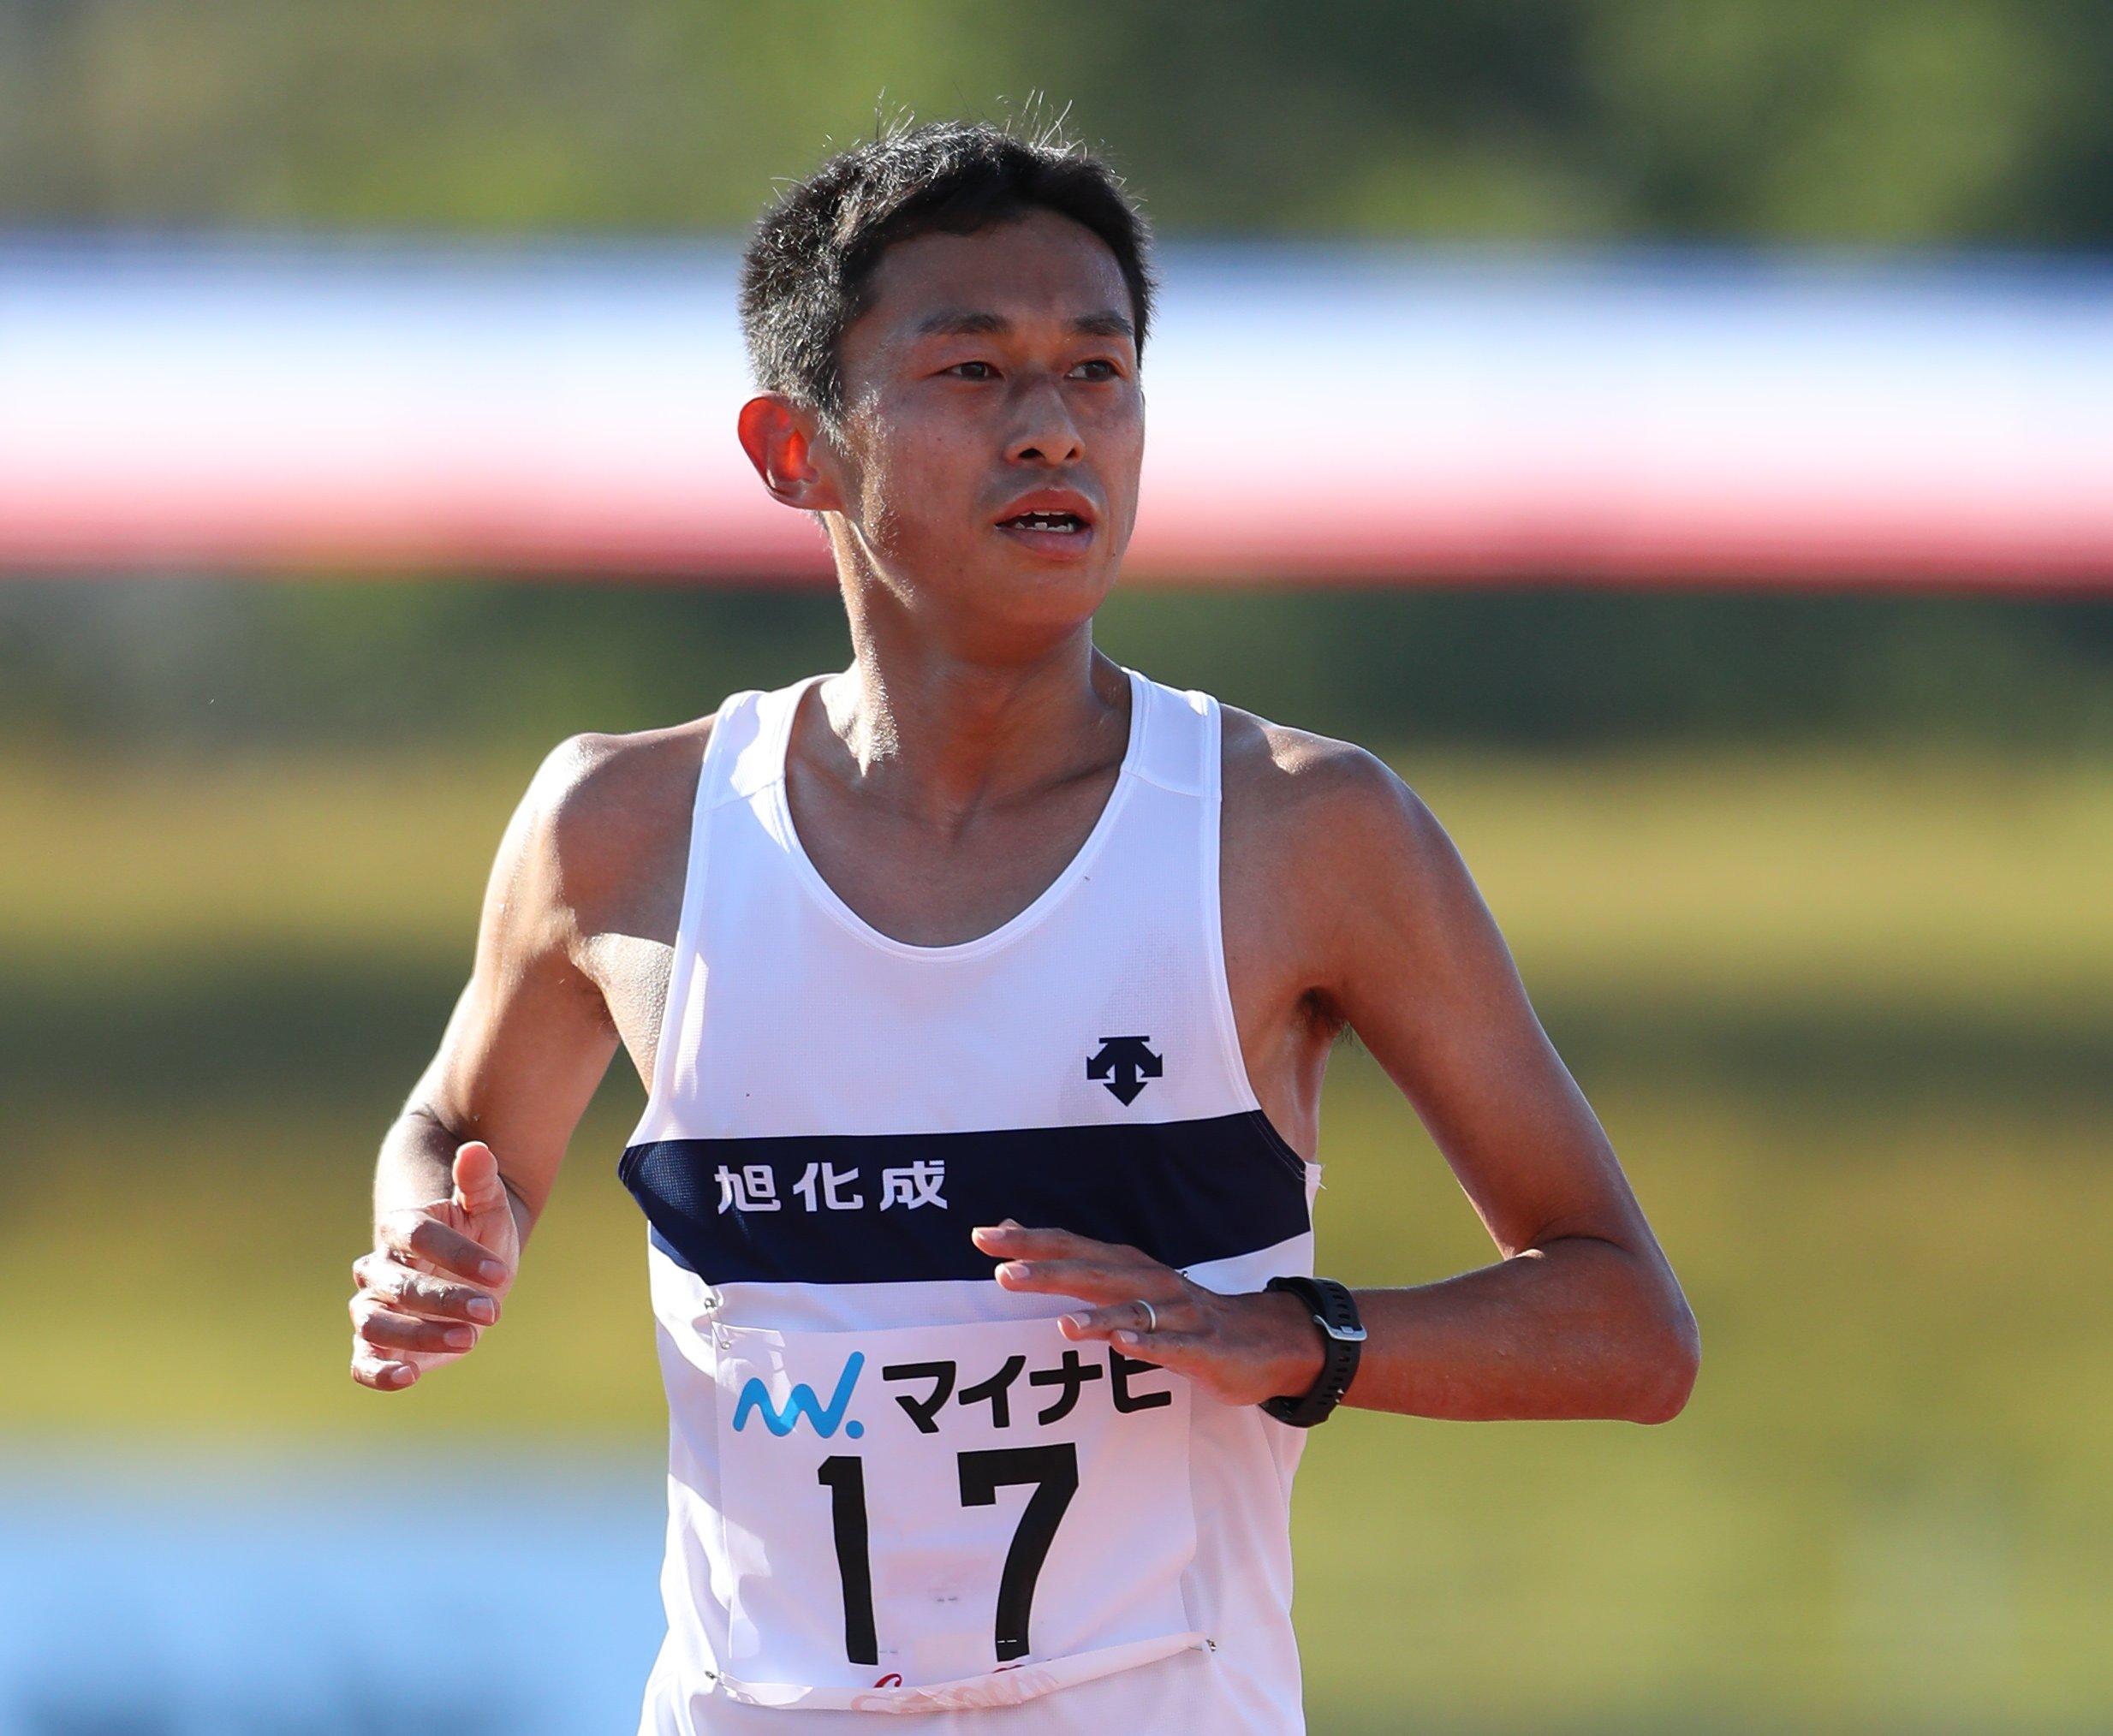 リオ五輪マラソン代表の佐々木悟氏が亜細亜大コーチに就任